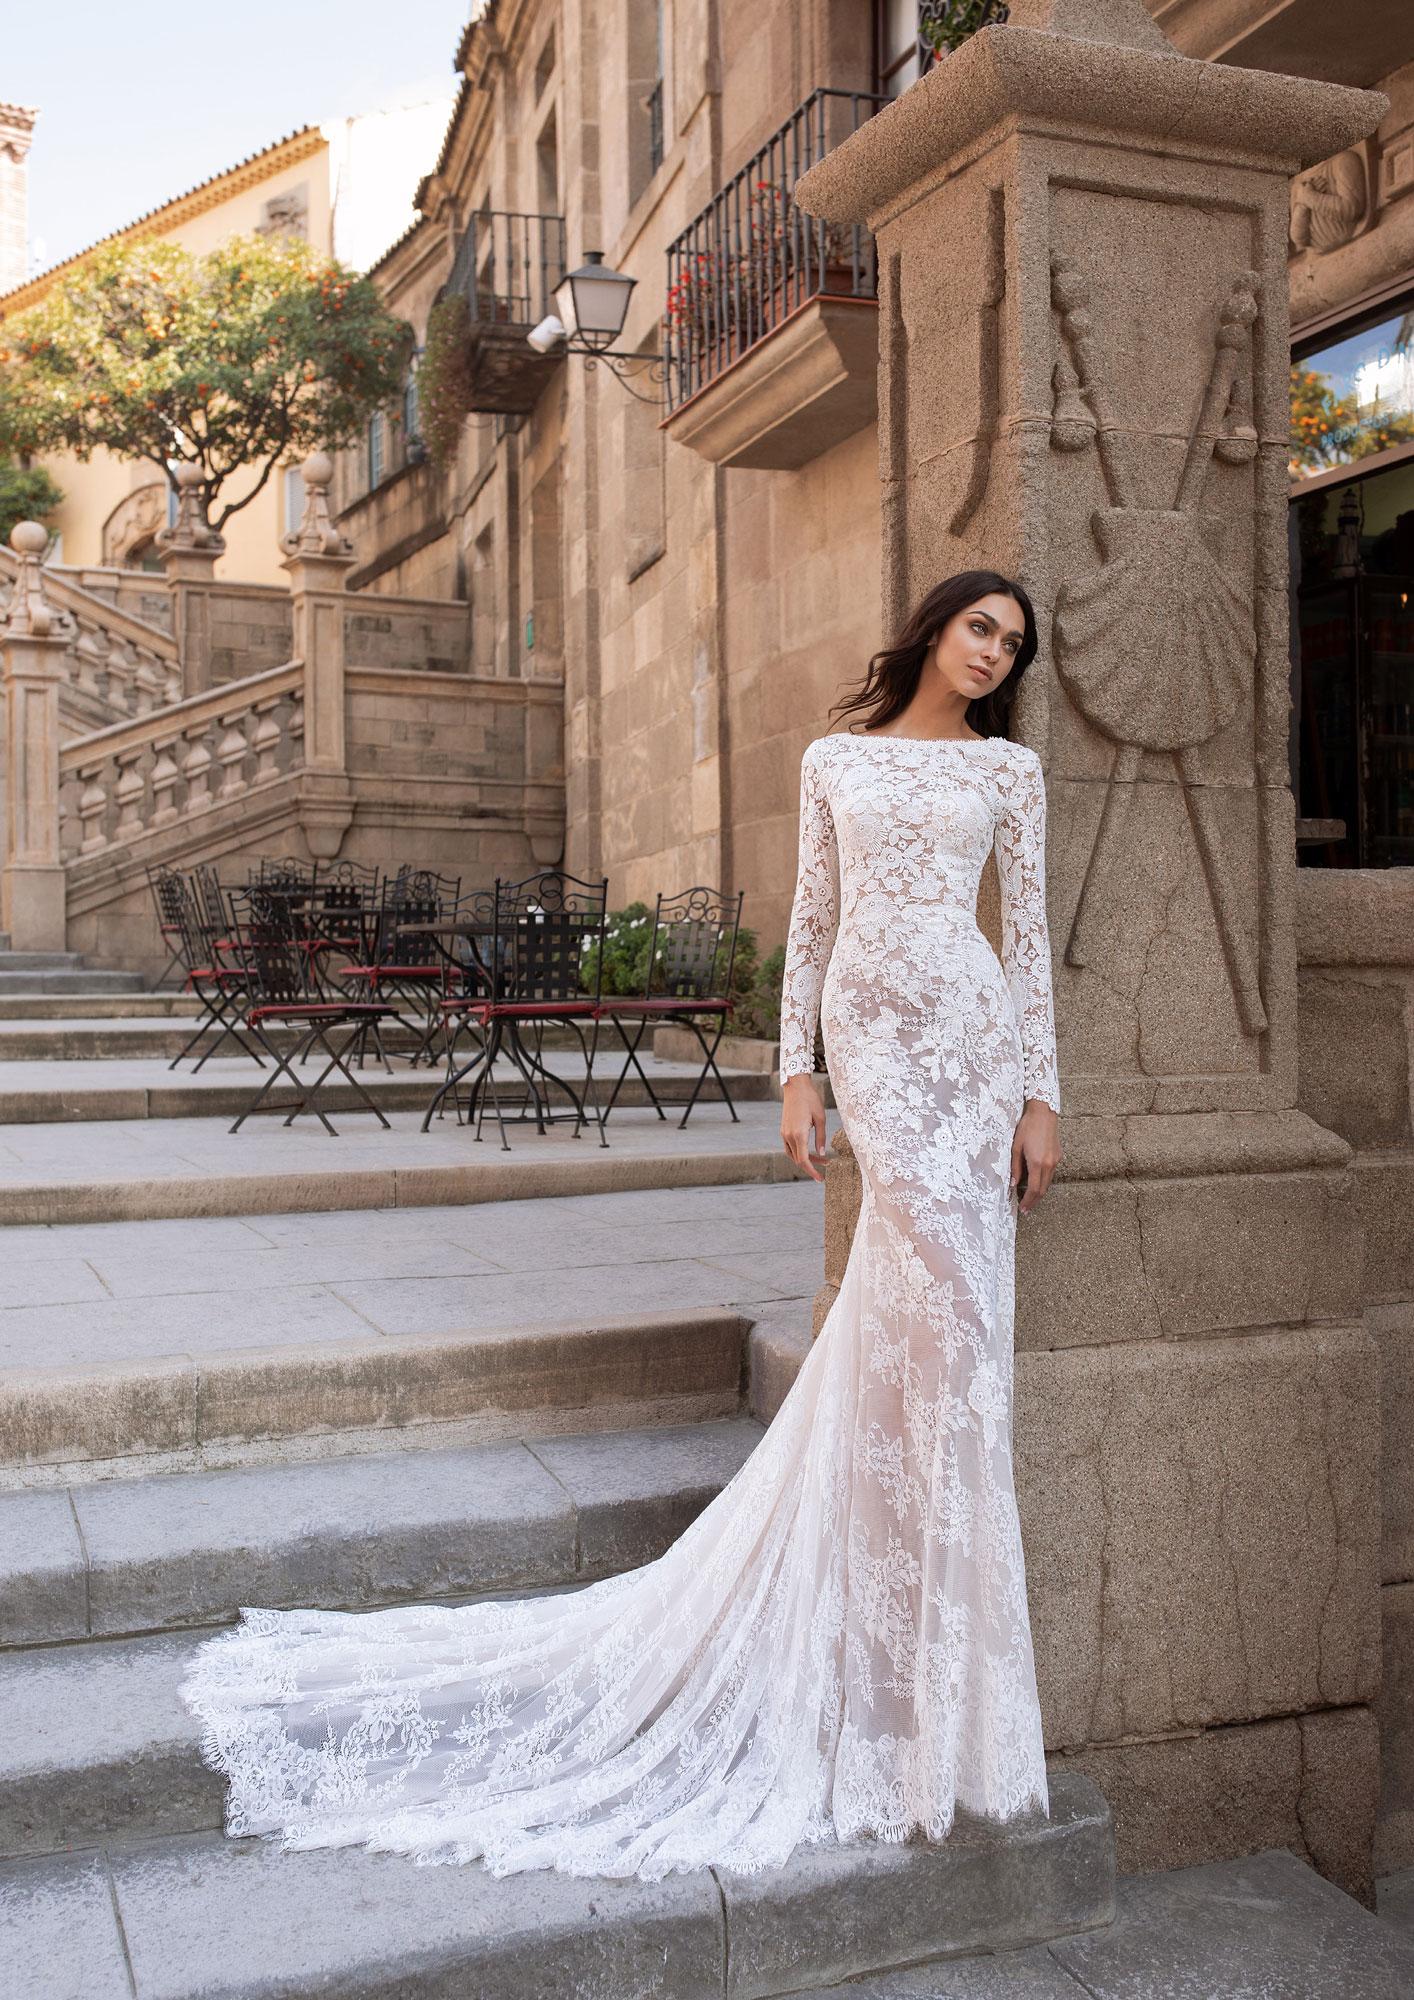 Abiti Da Sposa Parma.Abito Da Sposa Telesto Pronovias 2020 Stefania Spose Parma